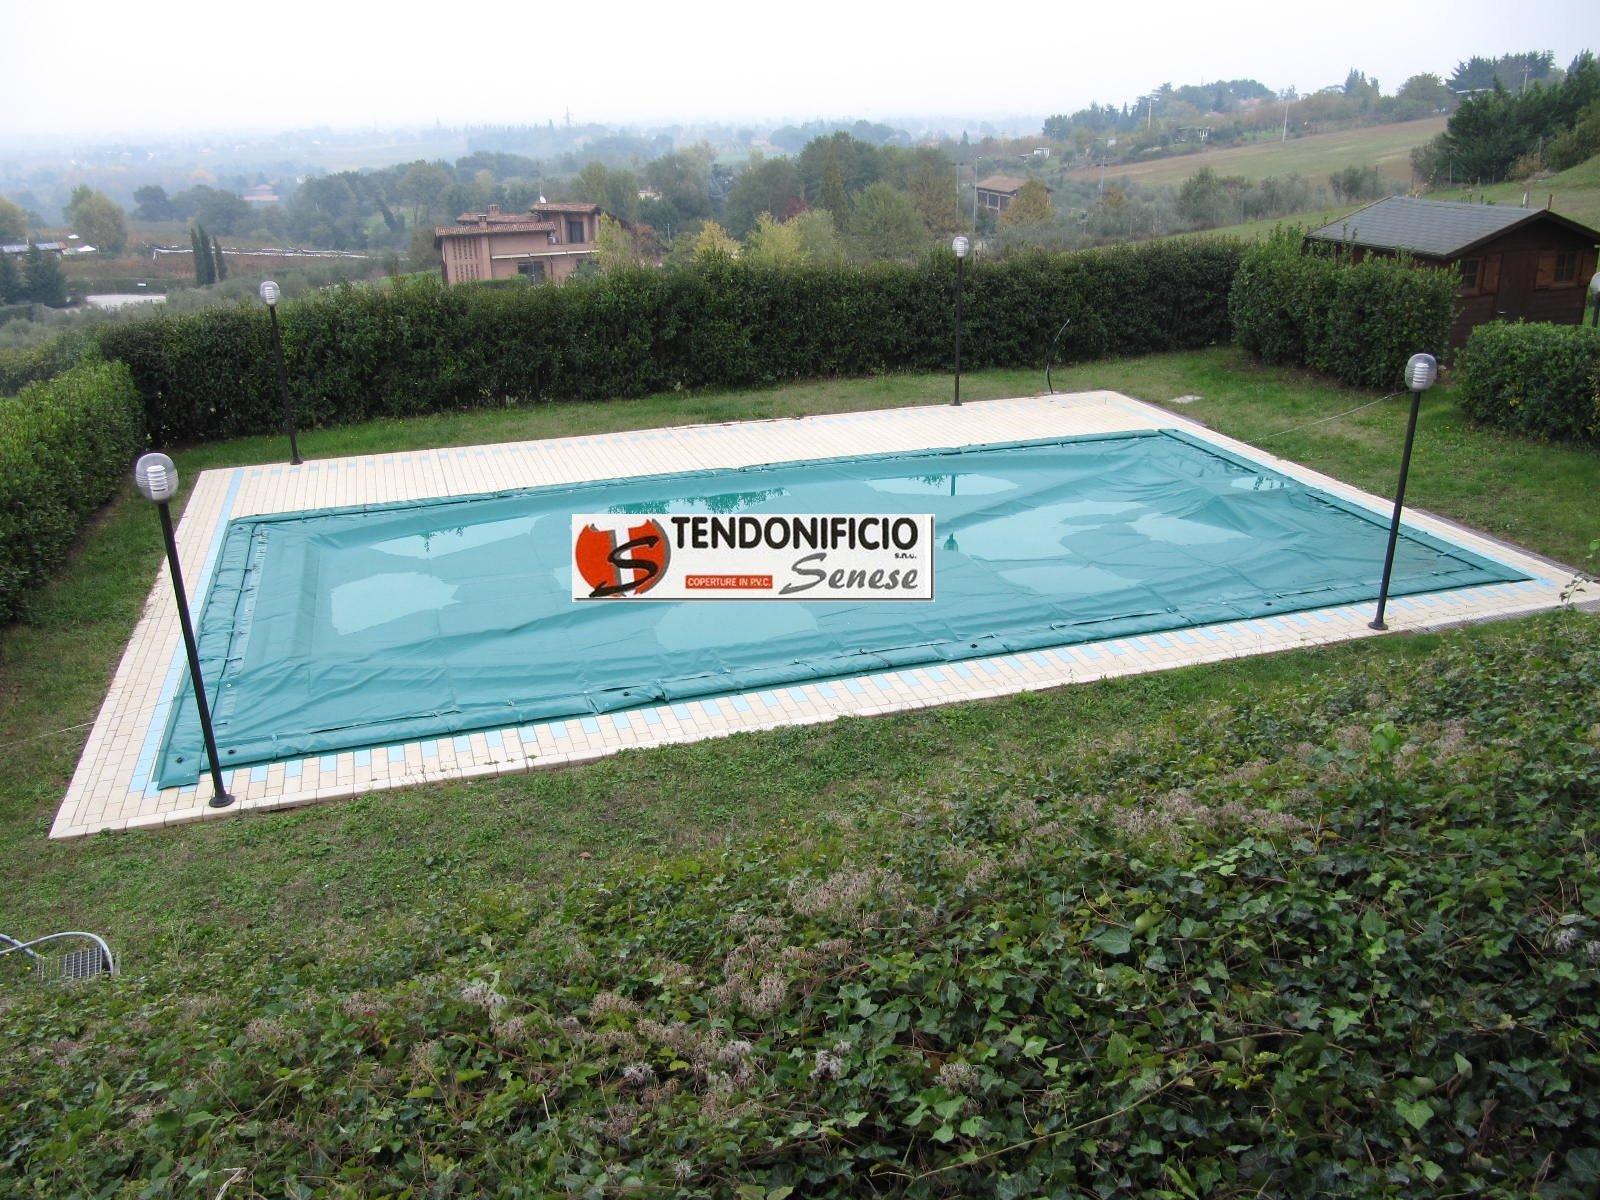 Telo invernale per piscina con tubolari